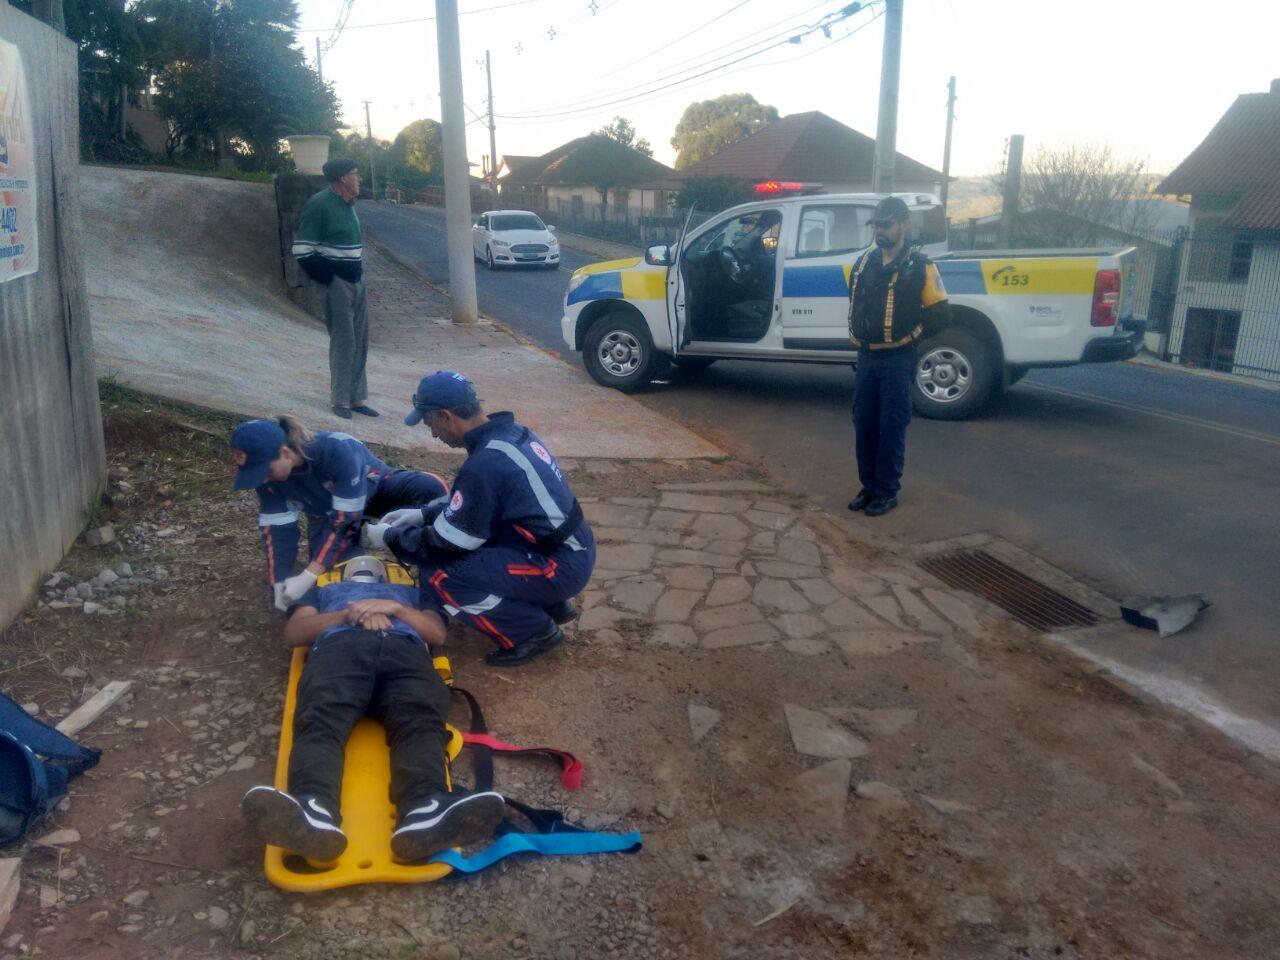 Jovem fica ferido em acidente no bairro Santa Marta em Bento